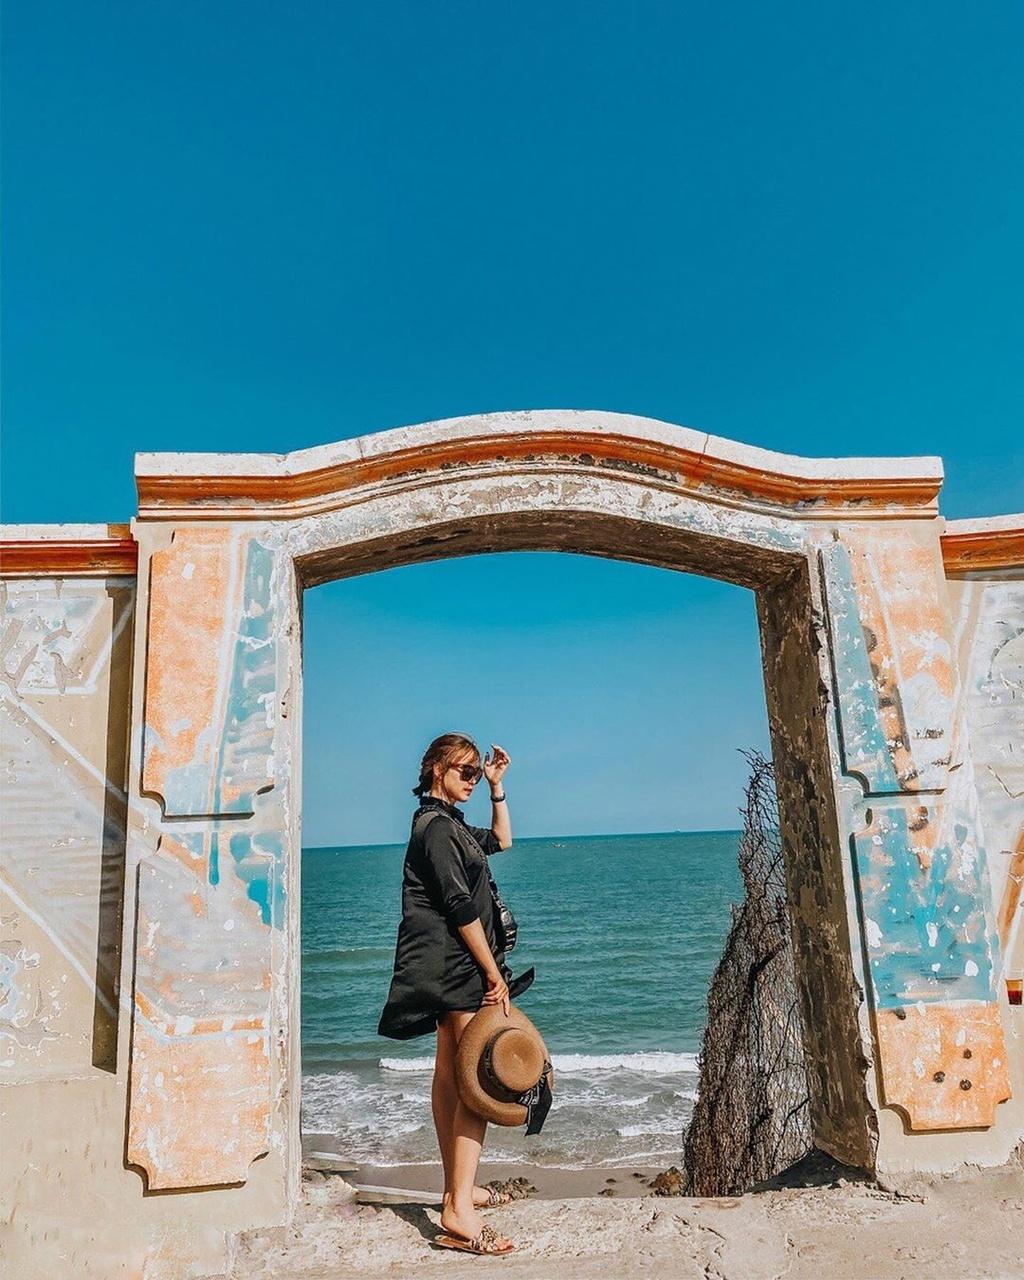 - VT_ngochuyenn158 - Những cổng trời ấn tượng du khách ở Việt Nam